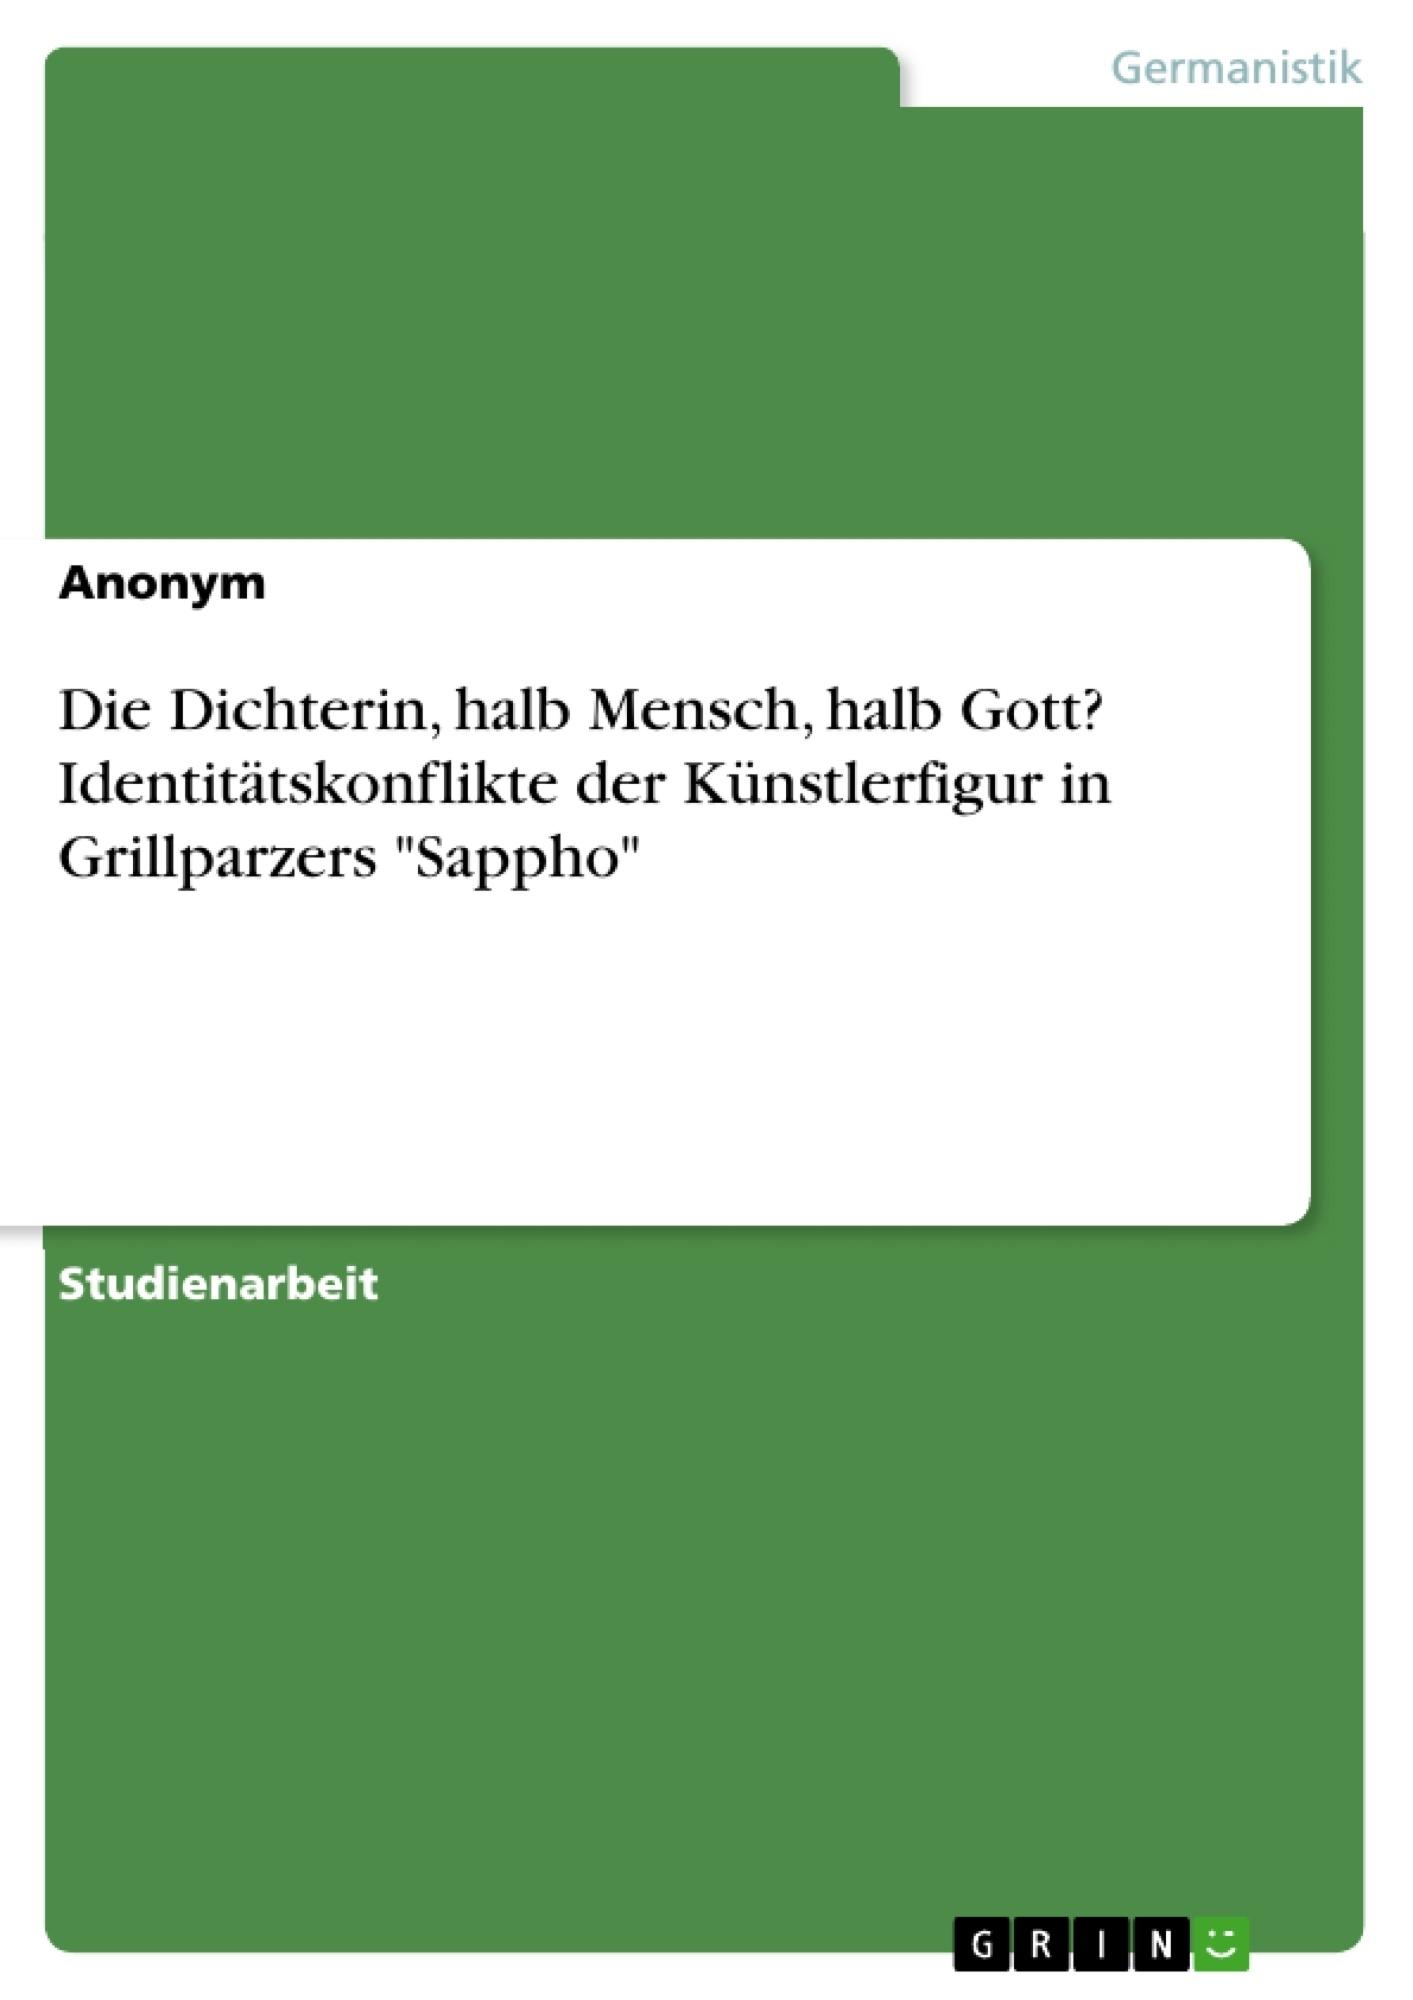 """Titel: Die Dichterin, halb Mensch, halb Gott? Identitätskonflikte der Künstlerfigur in Grillparzers """"Sappho"""""""